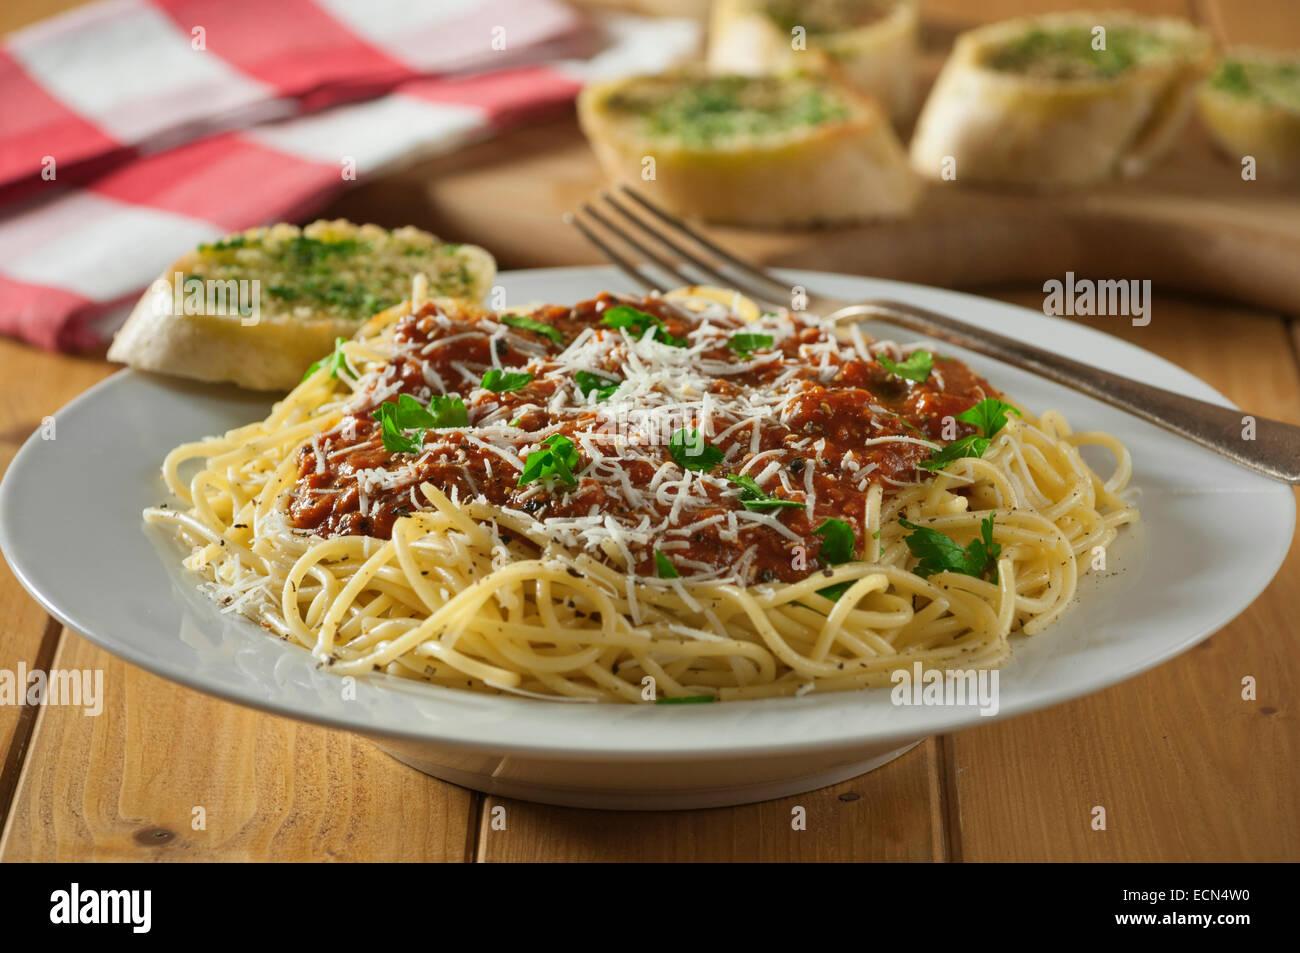 Spaghetti bolognese with garlic bread. Italian pasta dish. - Stock Image